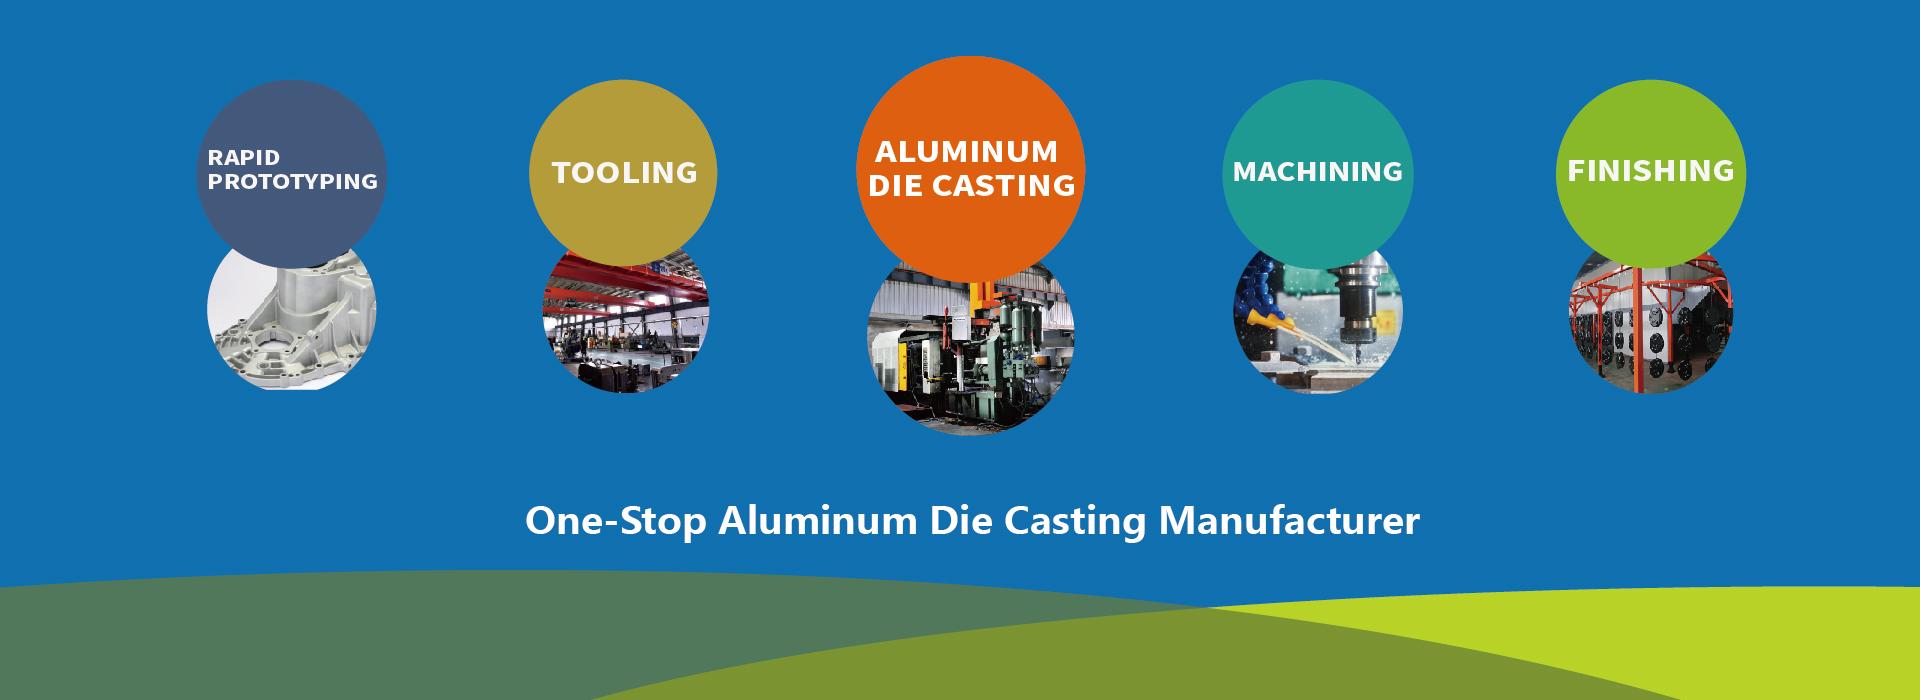 One-stop aluminum die casting manufacturer-Sunrise Metal